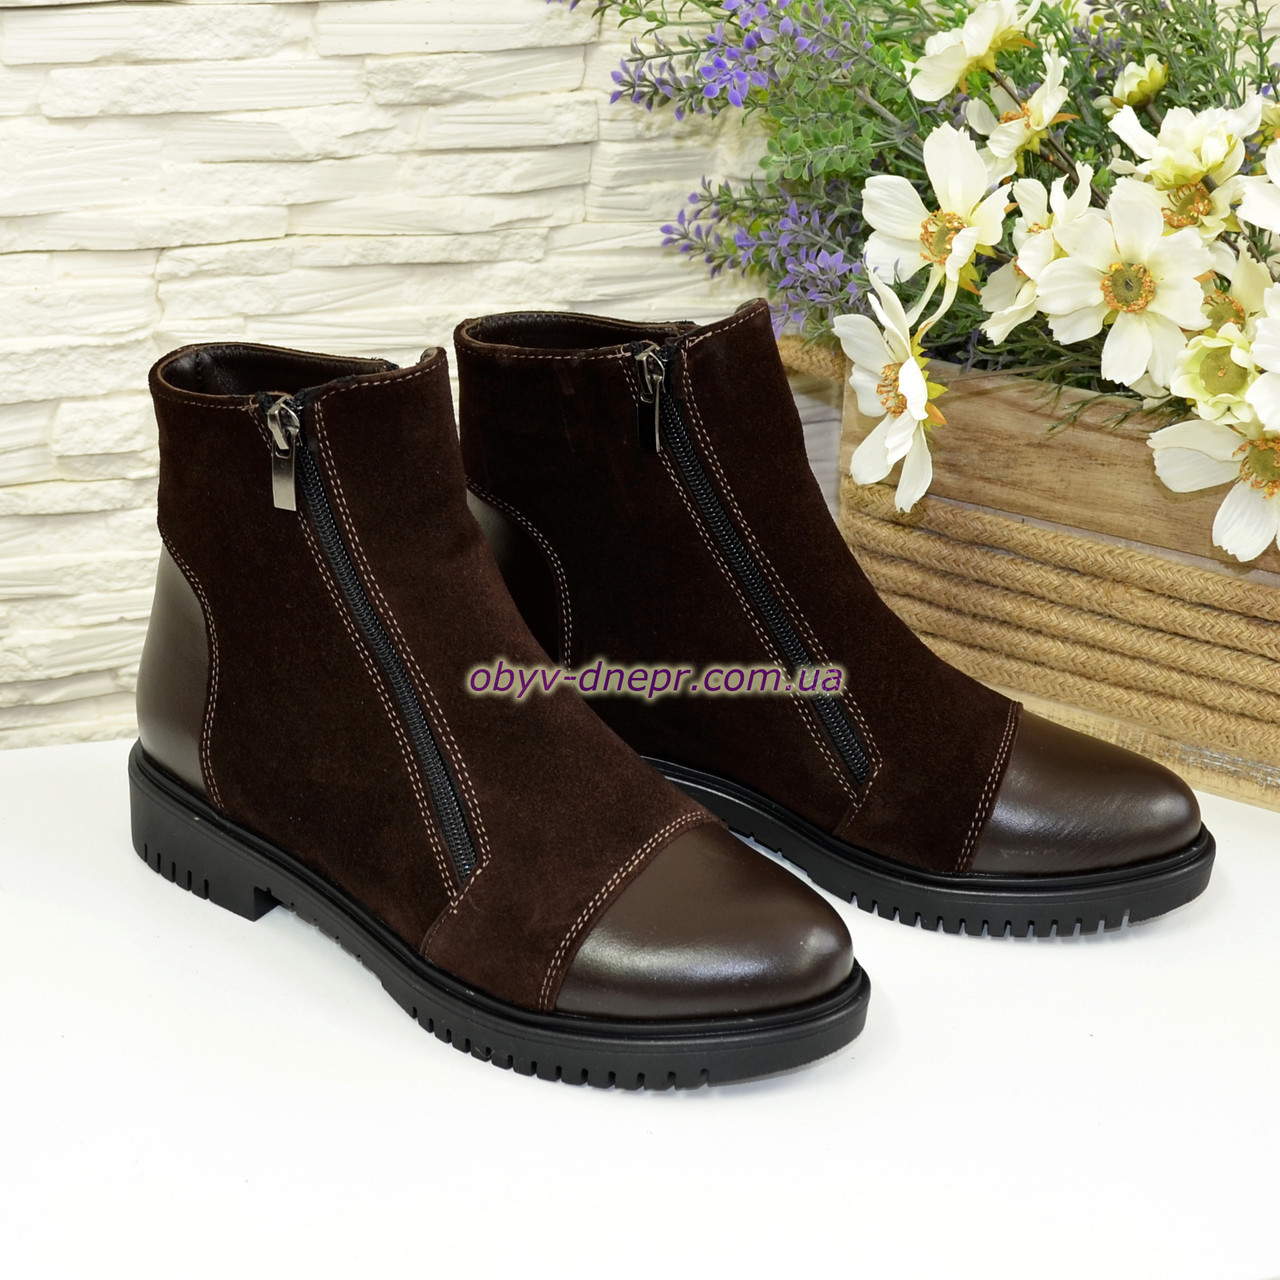 Ботинки   женские на низком ходу, из натуральной кожи и замши коричневого цвета